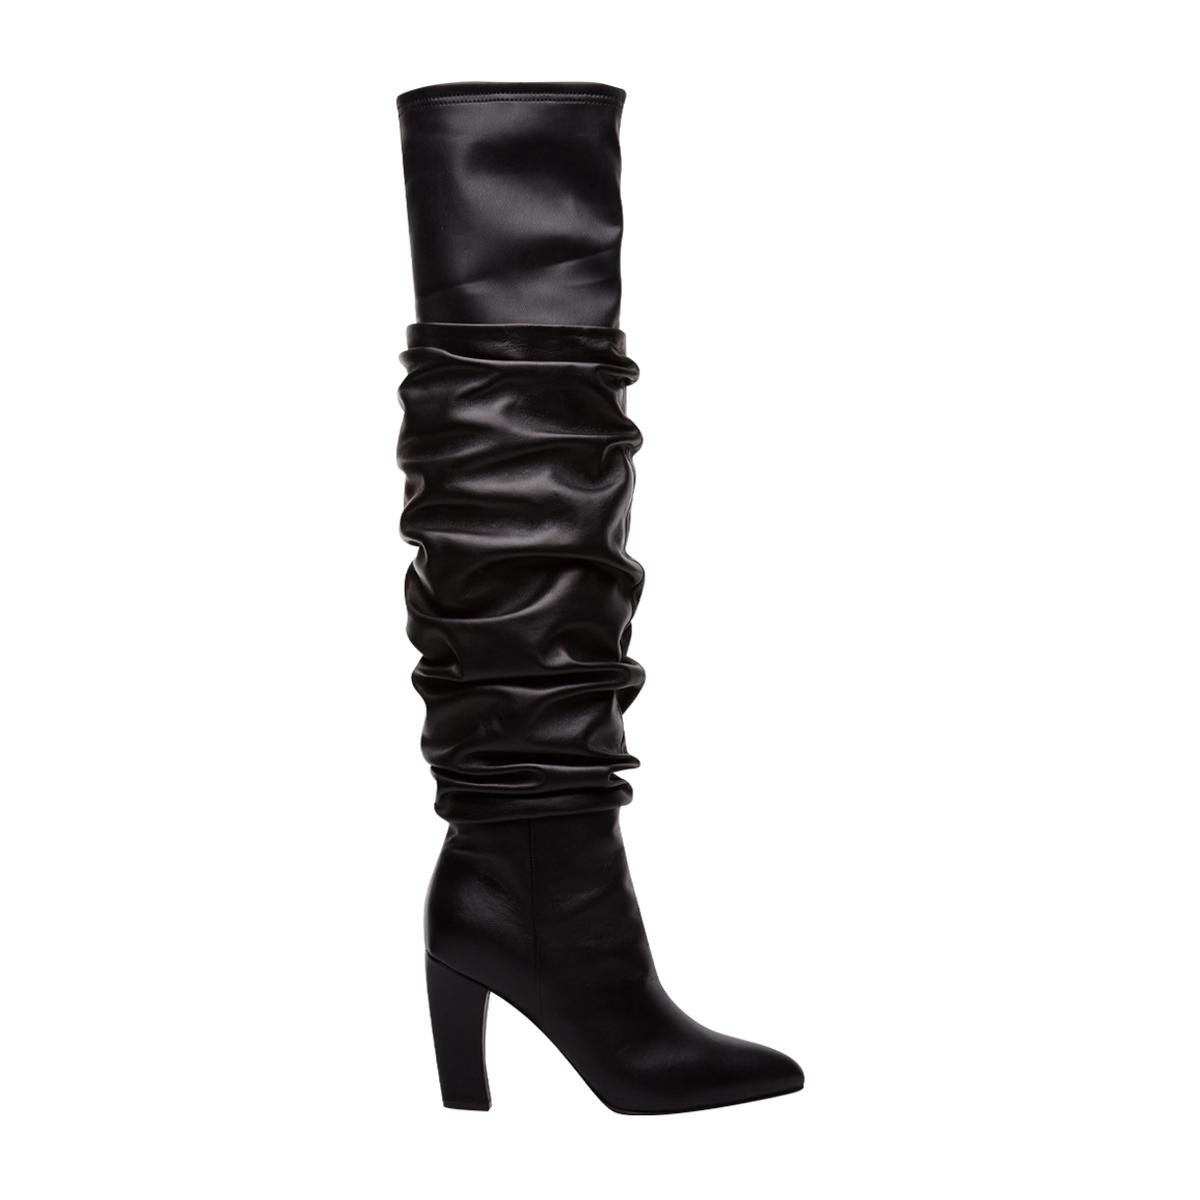 Lella Baldi - Warp boot